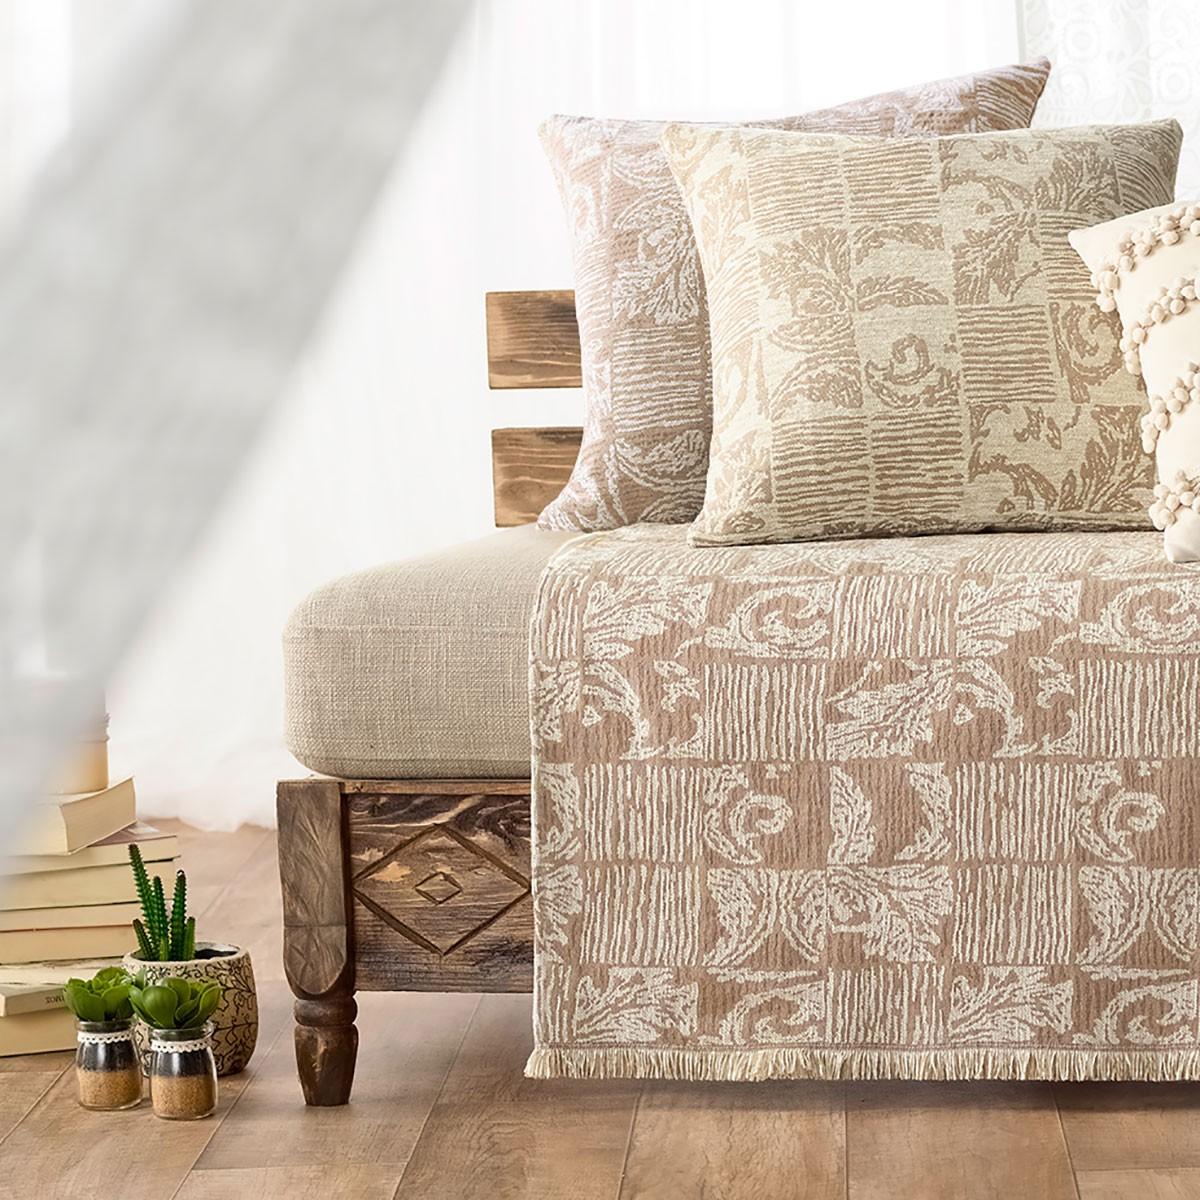 Διακοσμητική Μαξιλαροθήκη Gofis Home Mosaic Ecru 851/05